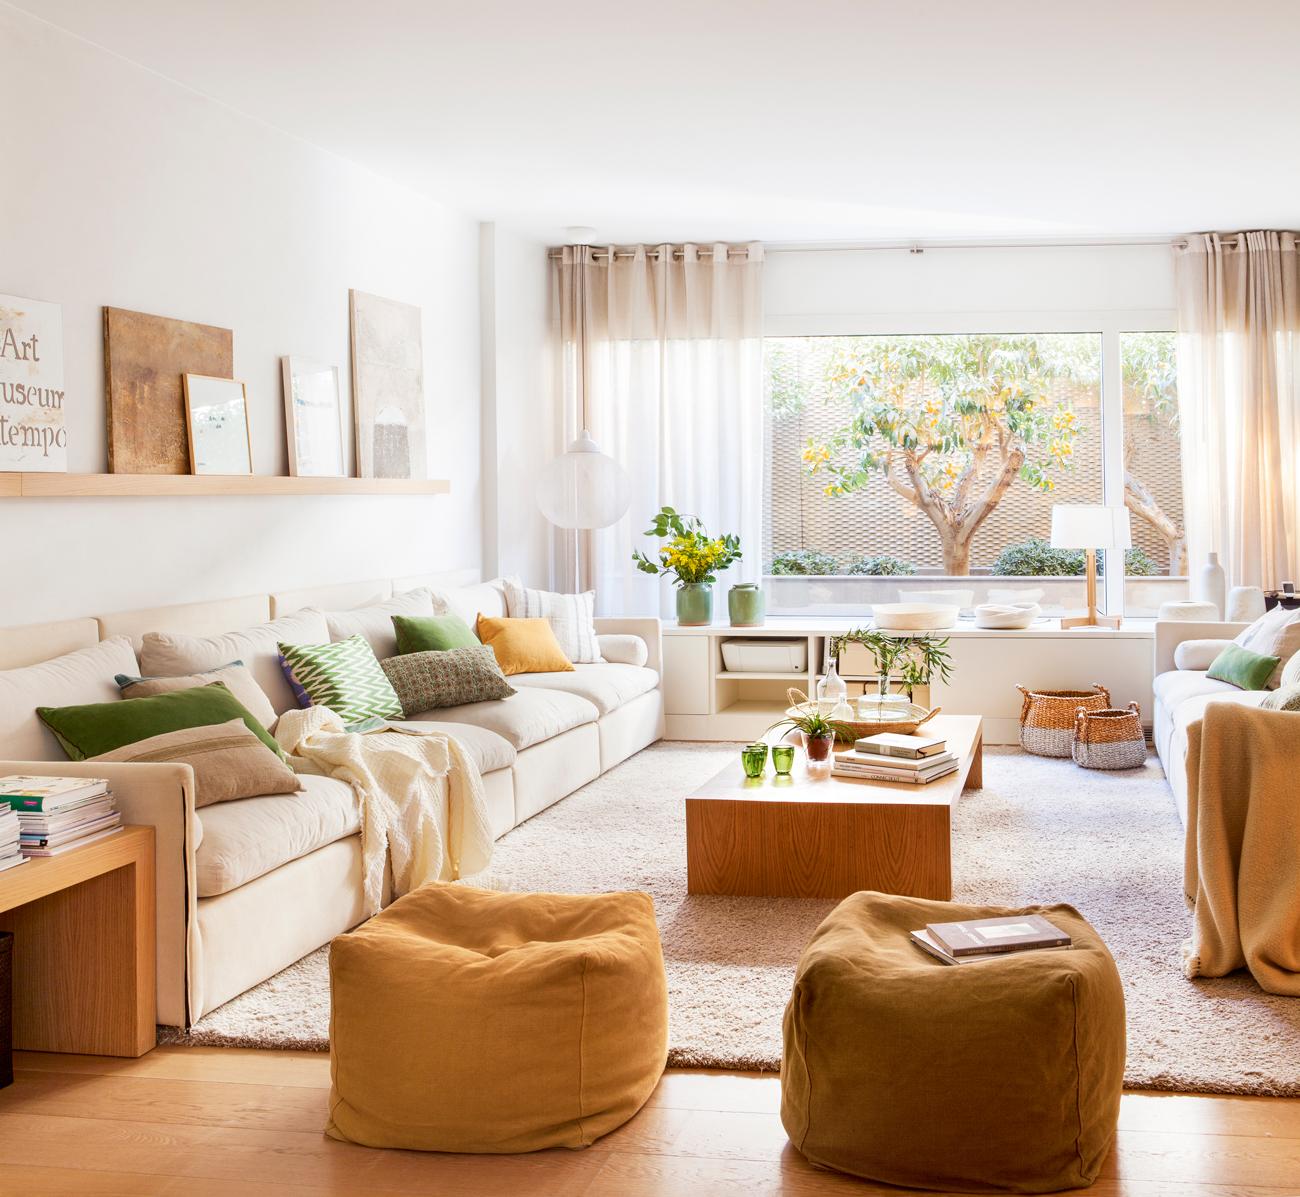 Almacenaje El Mueble # Muebles Doble Funcionalidad